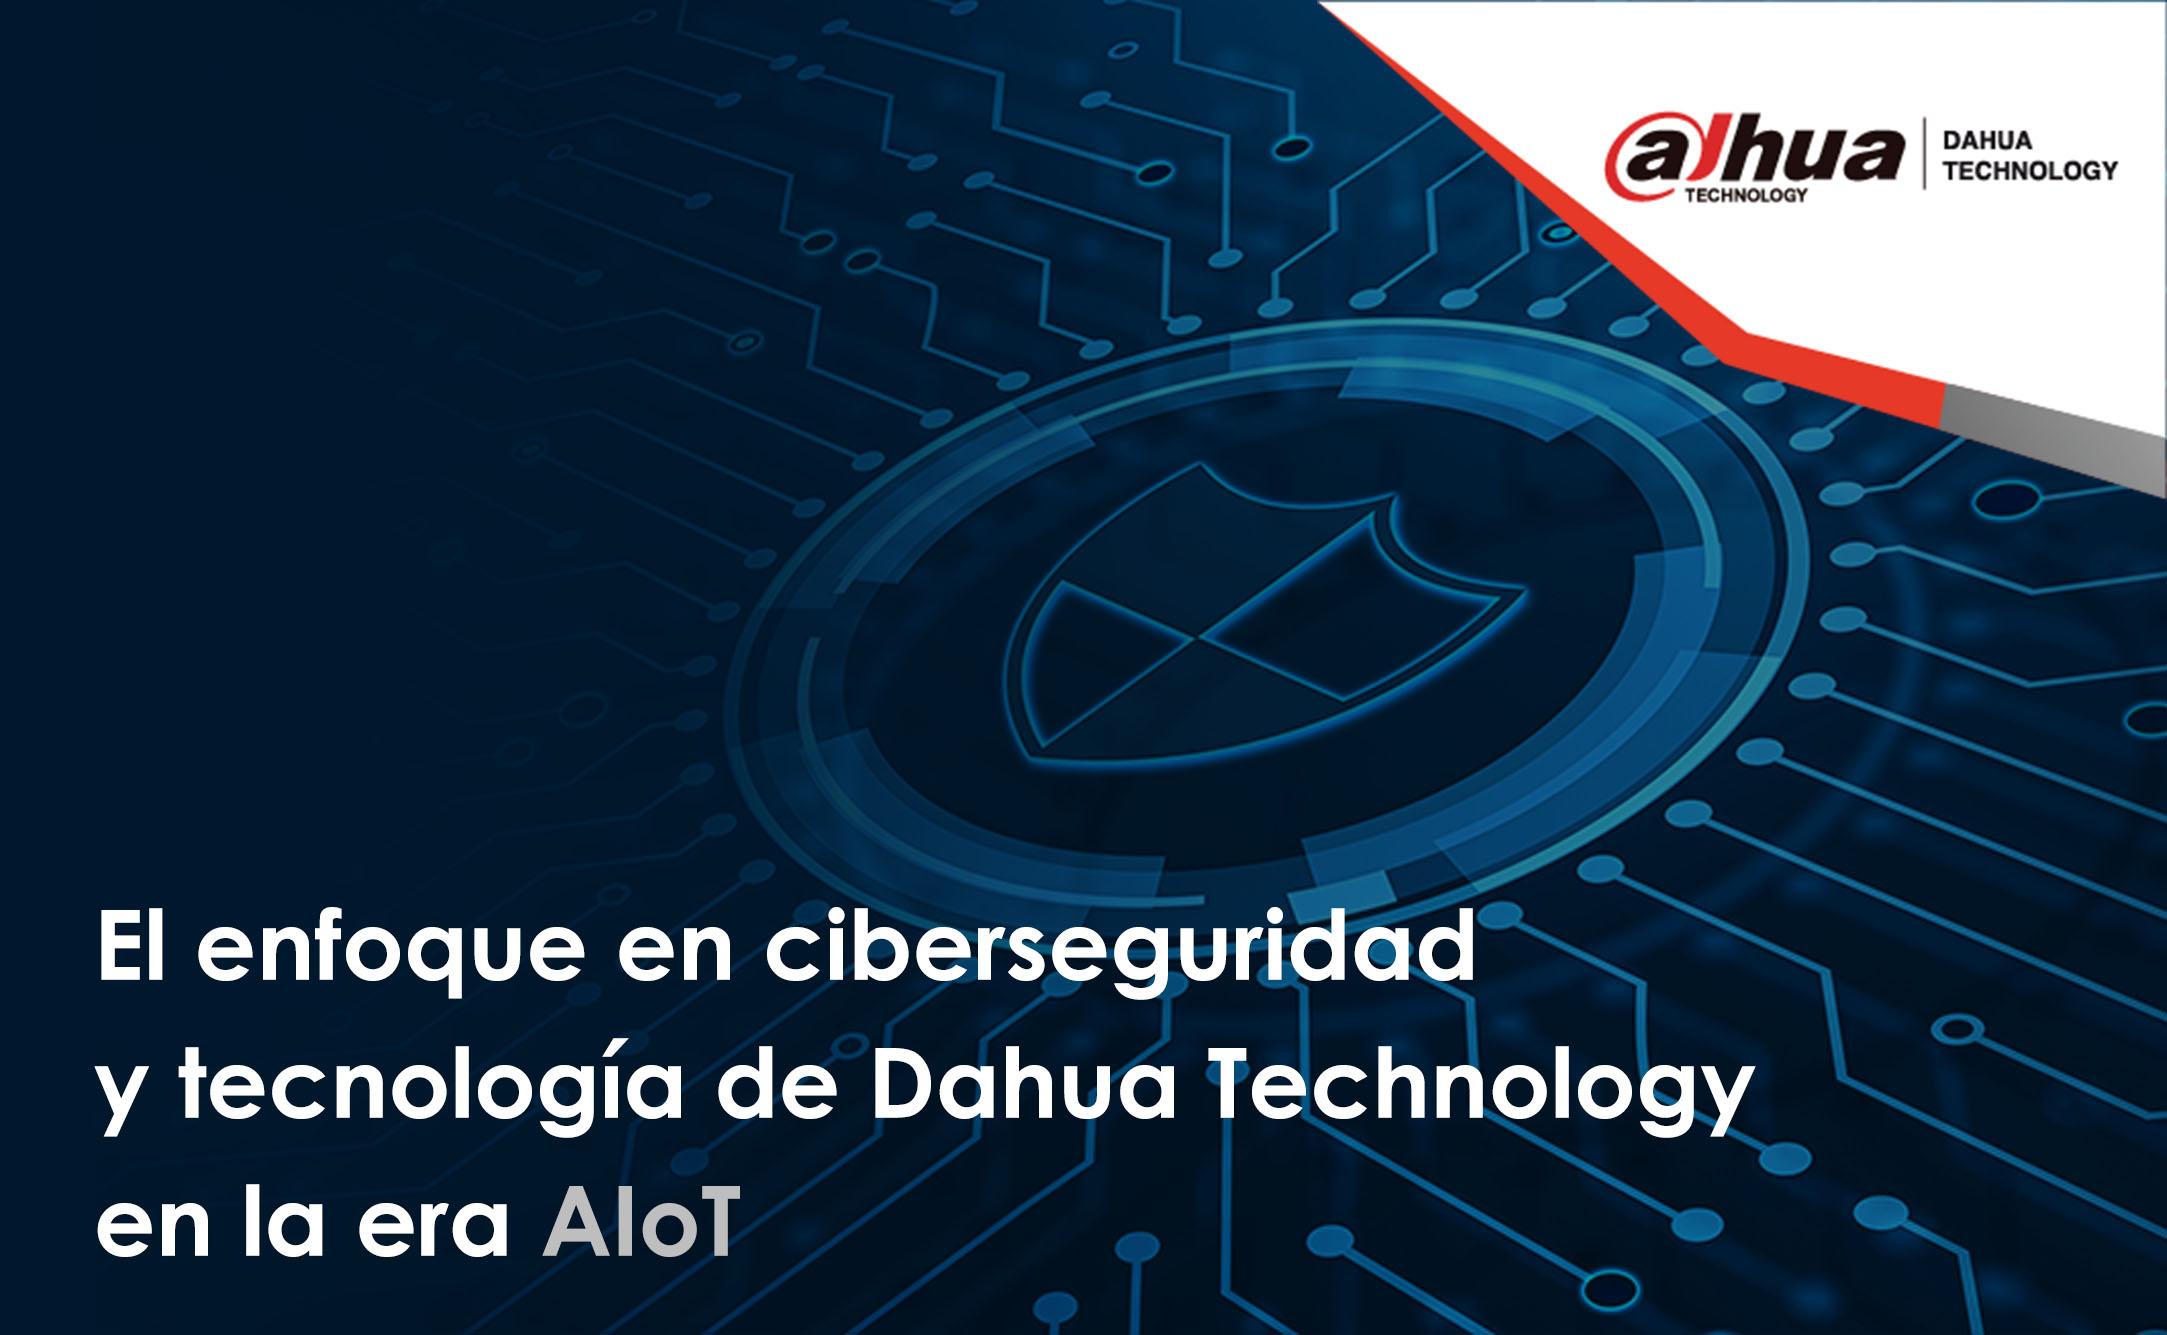 Ciberseguridad en Dahua Technology